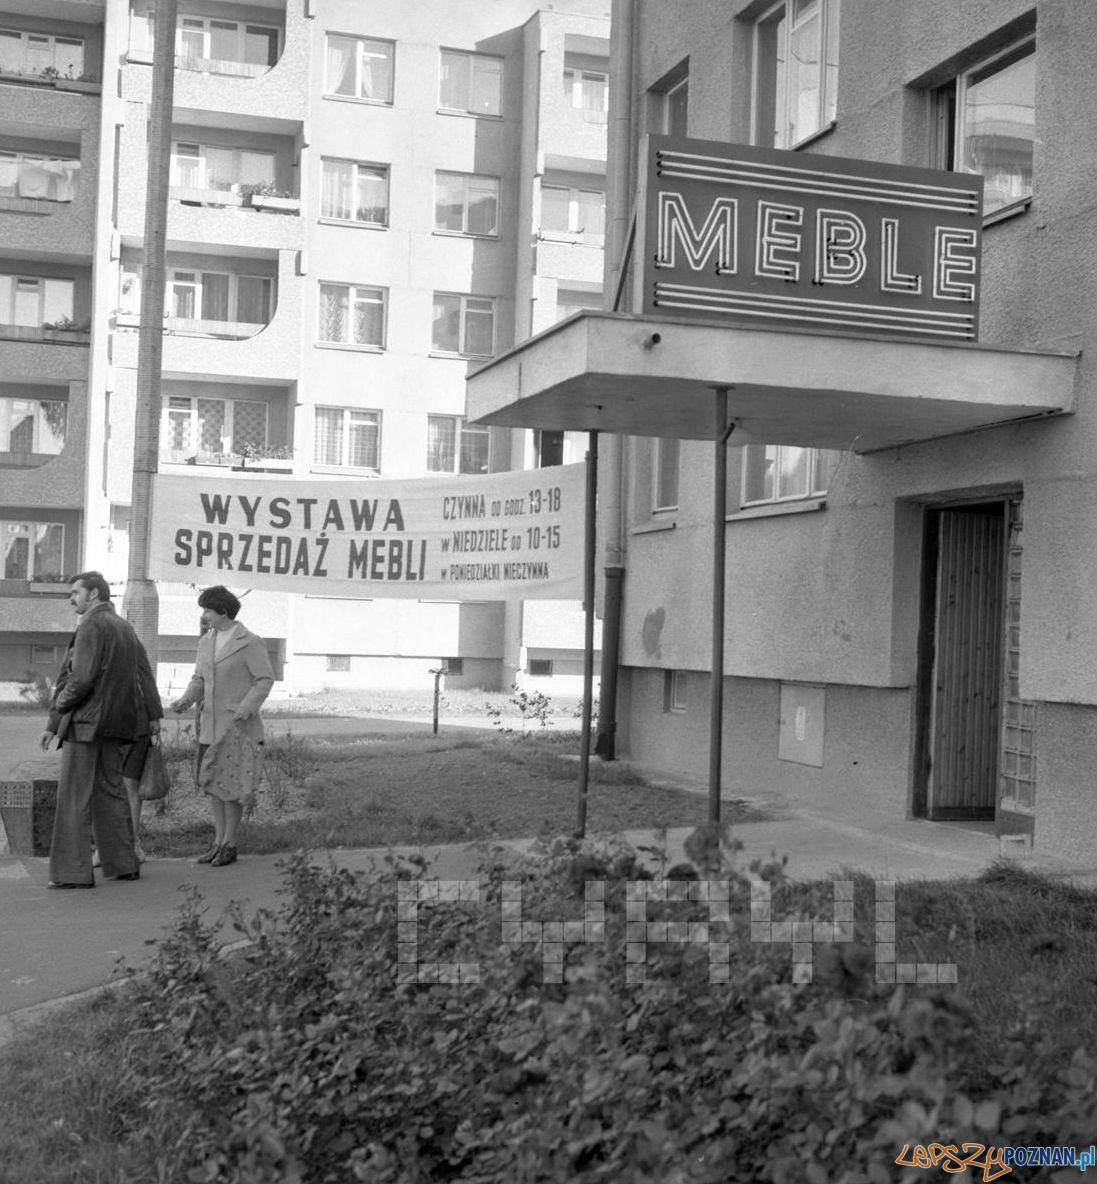 Wzorcowe mieszkanie - wystawa i sprzedaż mebli na Os. Czecha - 25.09.1978  Foto: Stanisław Wiktor / Cyryl